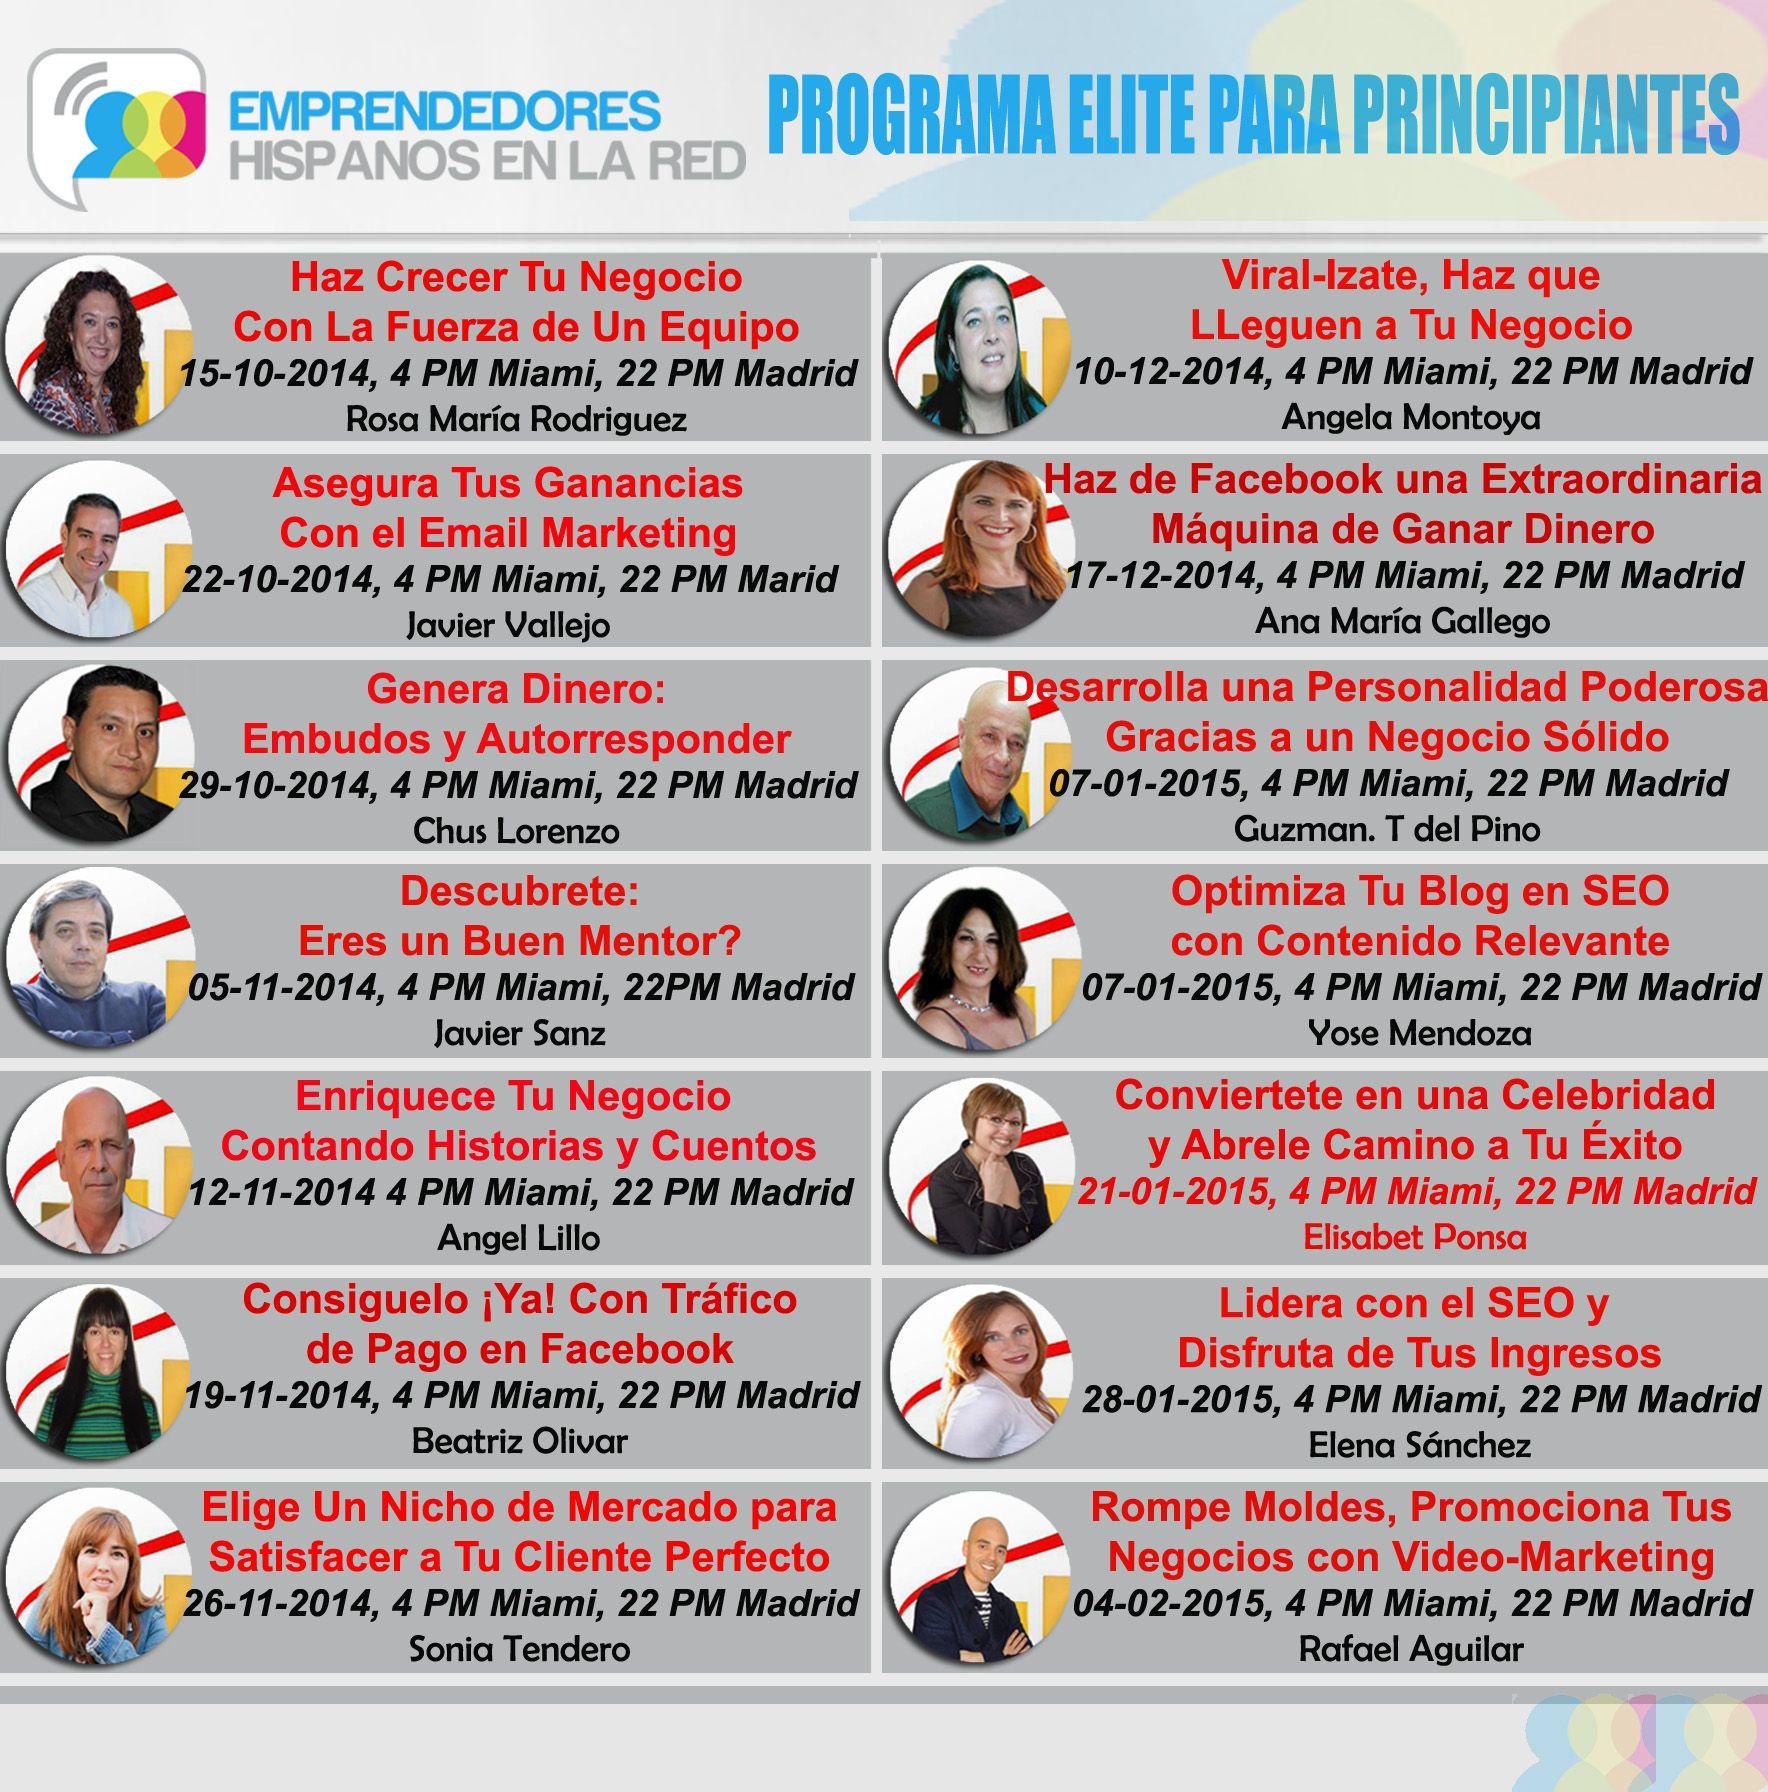 Buenas Noches Amig@s!!! Aquí tenemos el Programa de Capacitaciones Elite para Principiantes impartidas por los Miembros Cofundadores y Elites de #EmprendedoresHispanosenlaRed Atentos a la Capacitación de éste Miercoles 22, a las 22h.Madrid por Nuestro #Lider Javier Vallejo Cortes Estais Invitados!!!